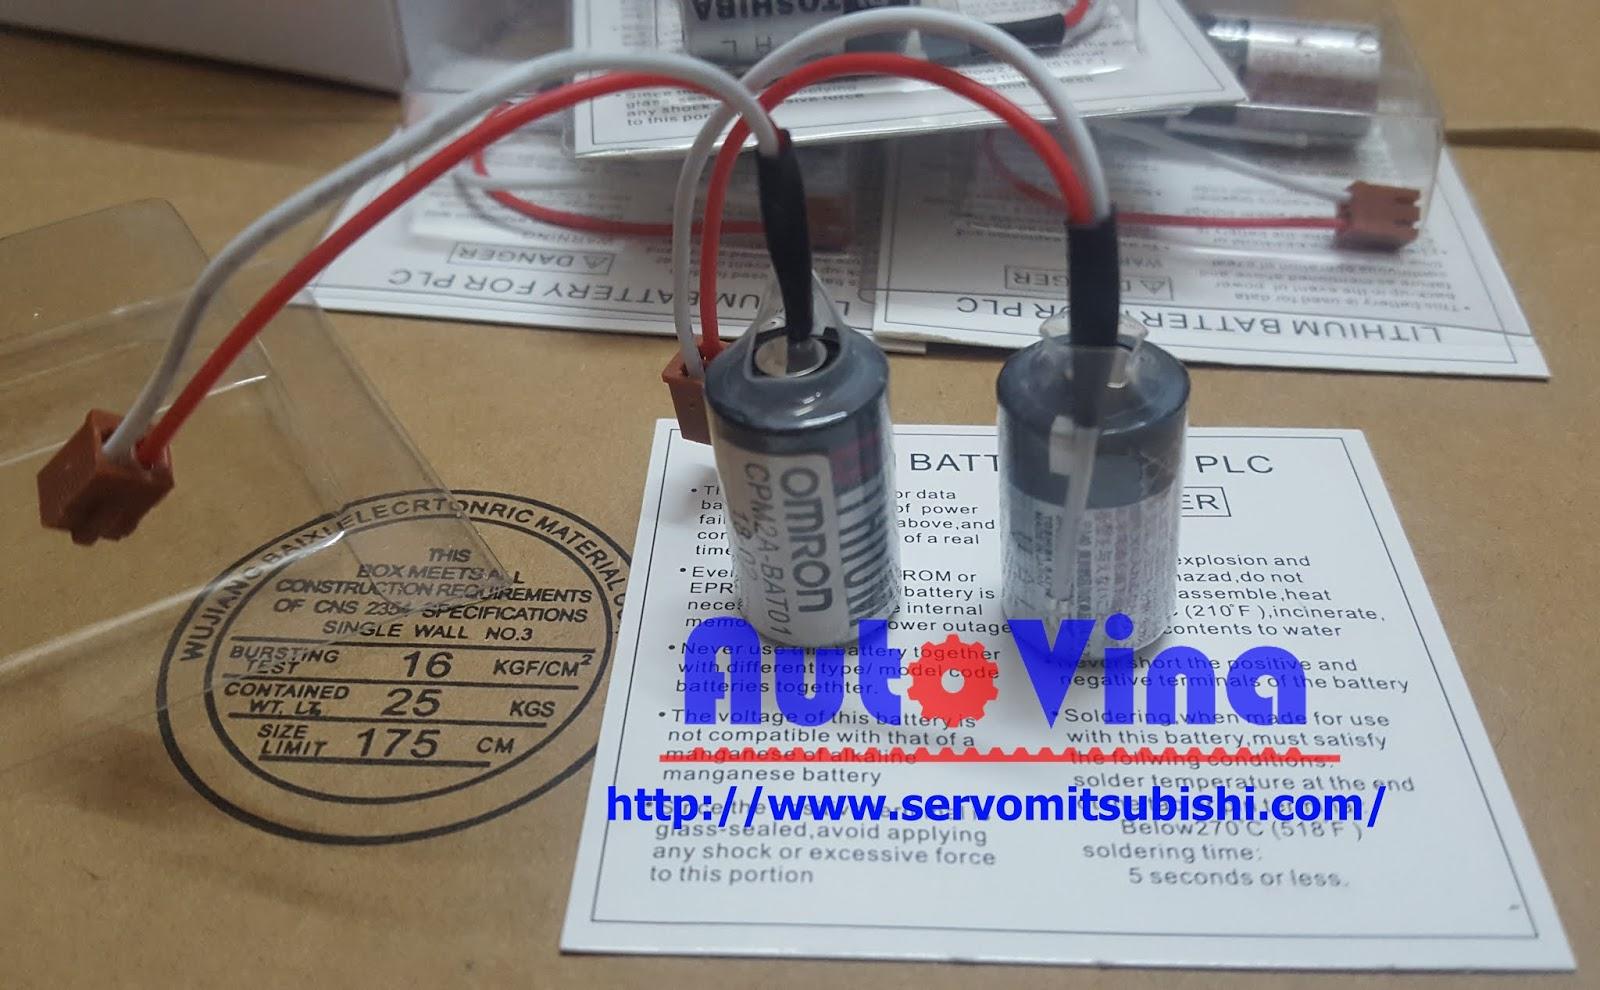 Đại lý bán các loại Pin, Battery CPM2A-BAT01 cho PLC Omron CPM2A tại Việt Nam